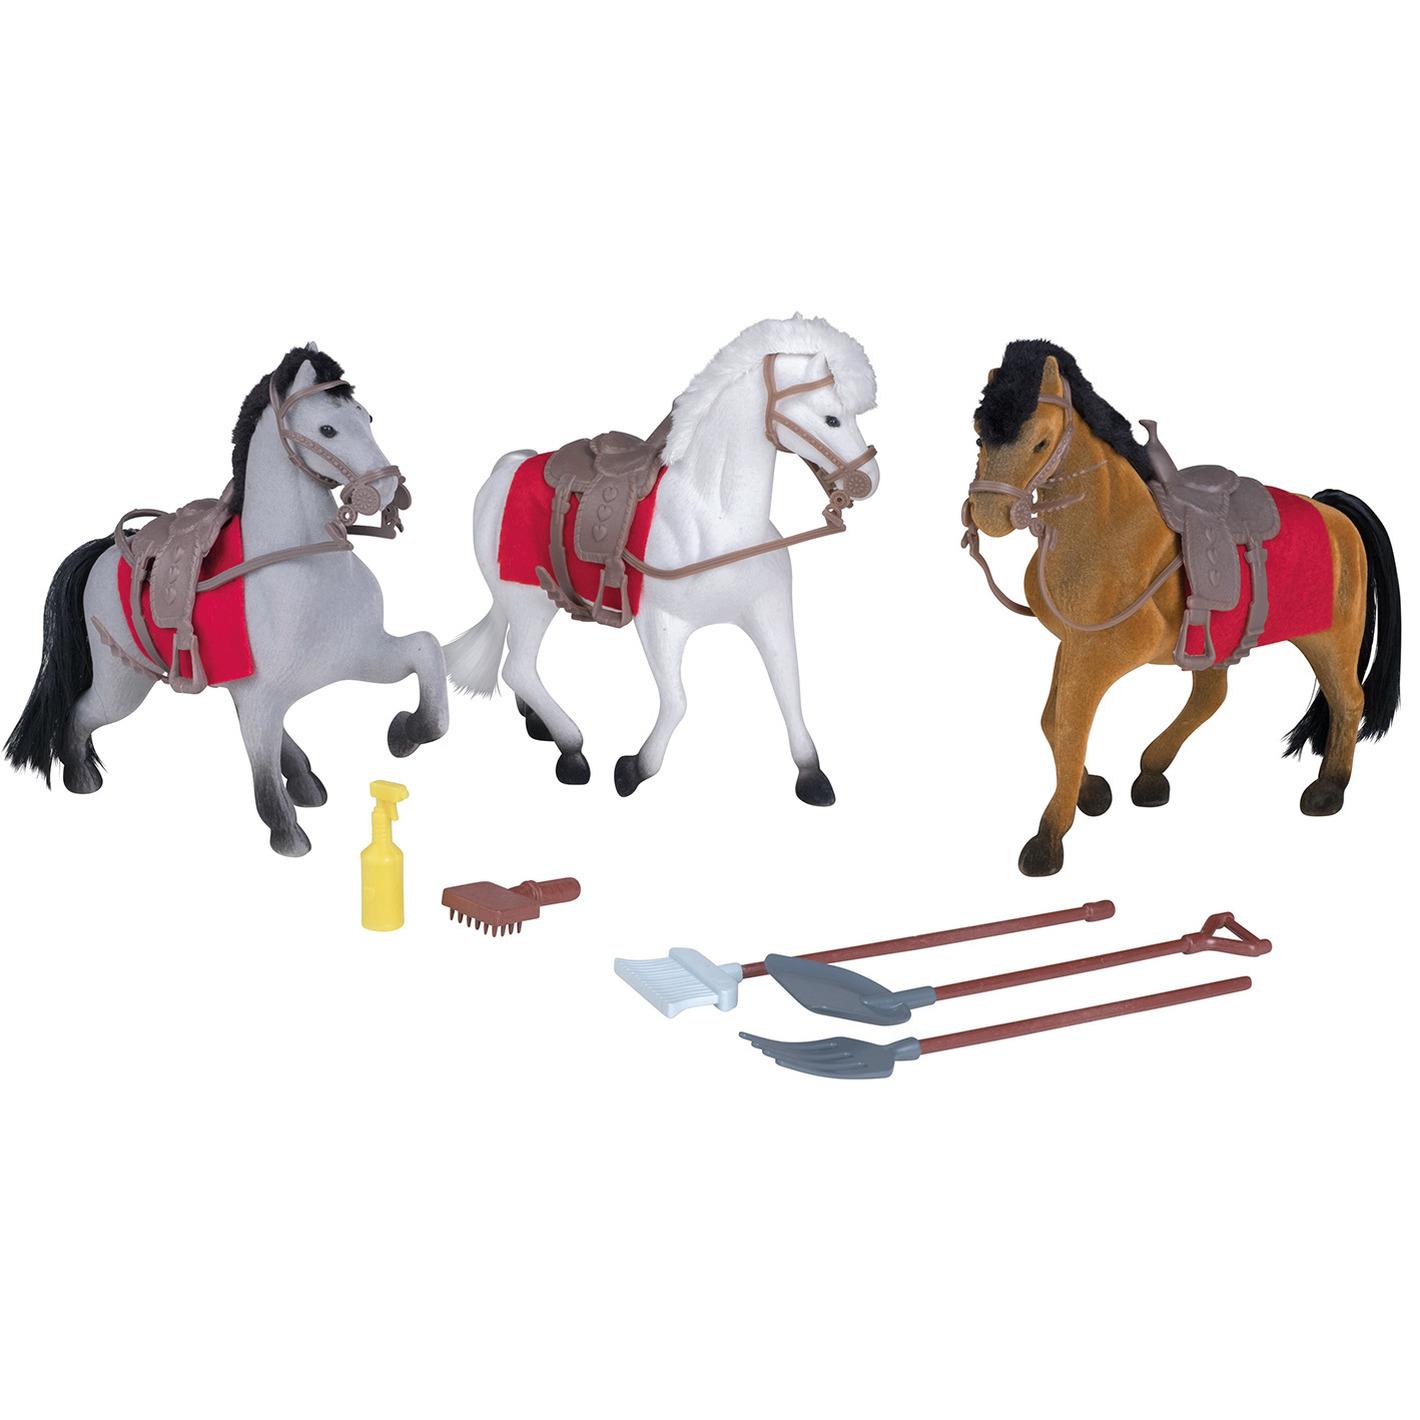 Speelgoed set drie paarden met stal en accessoires